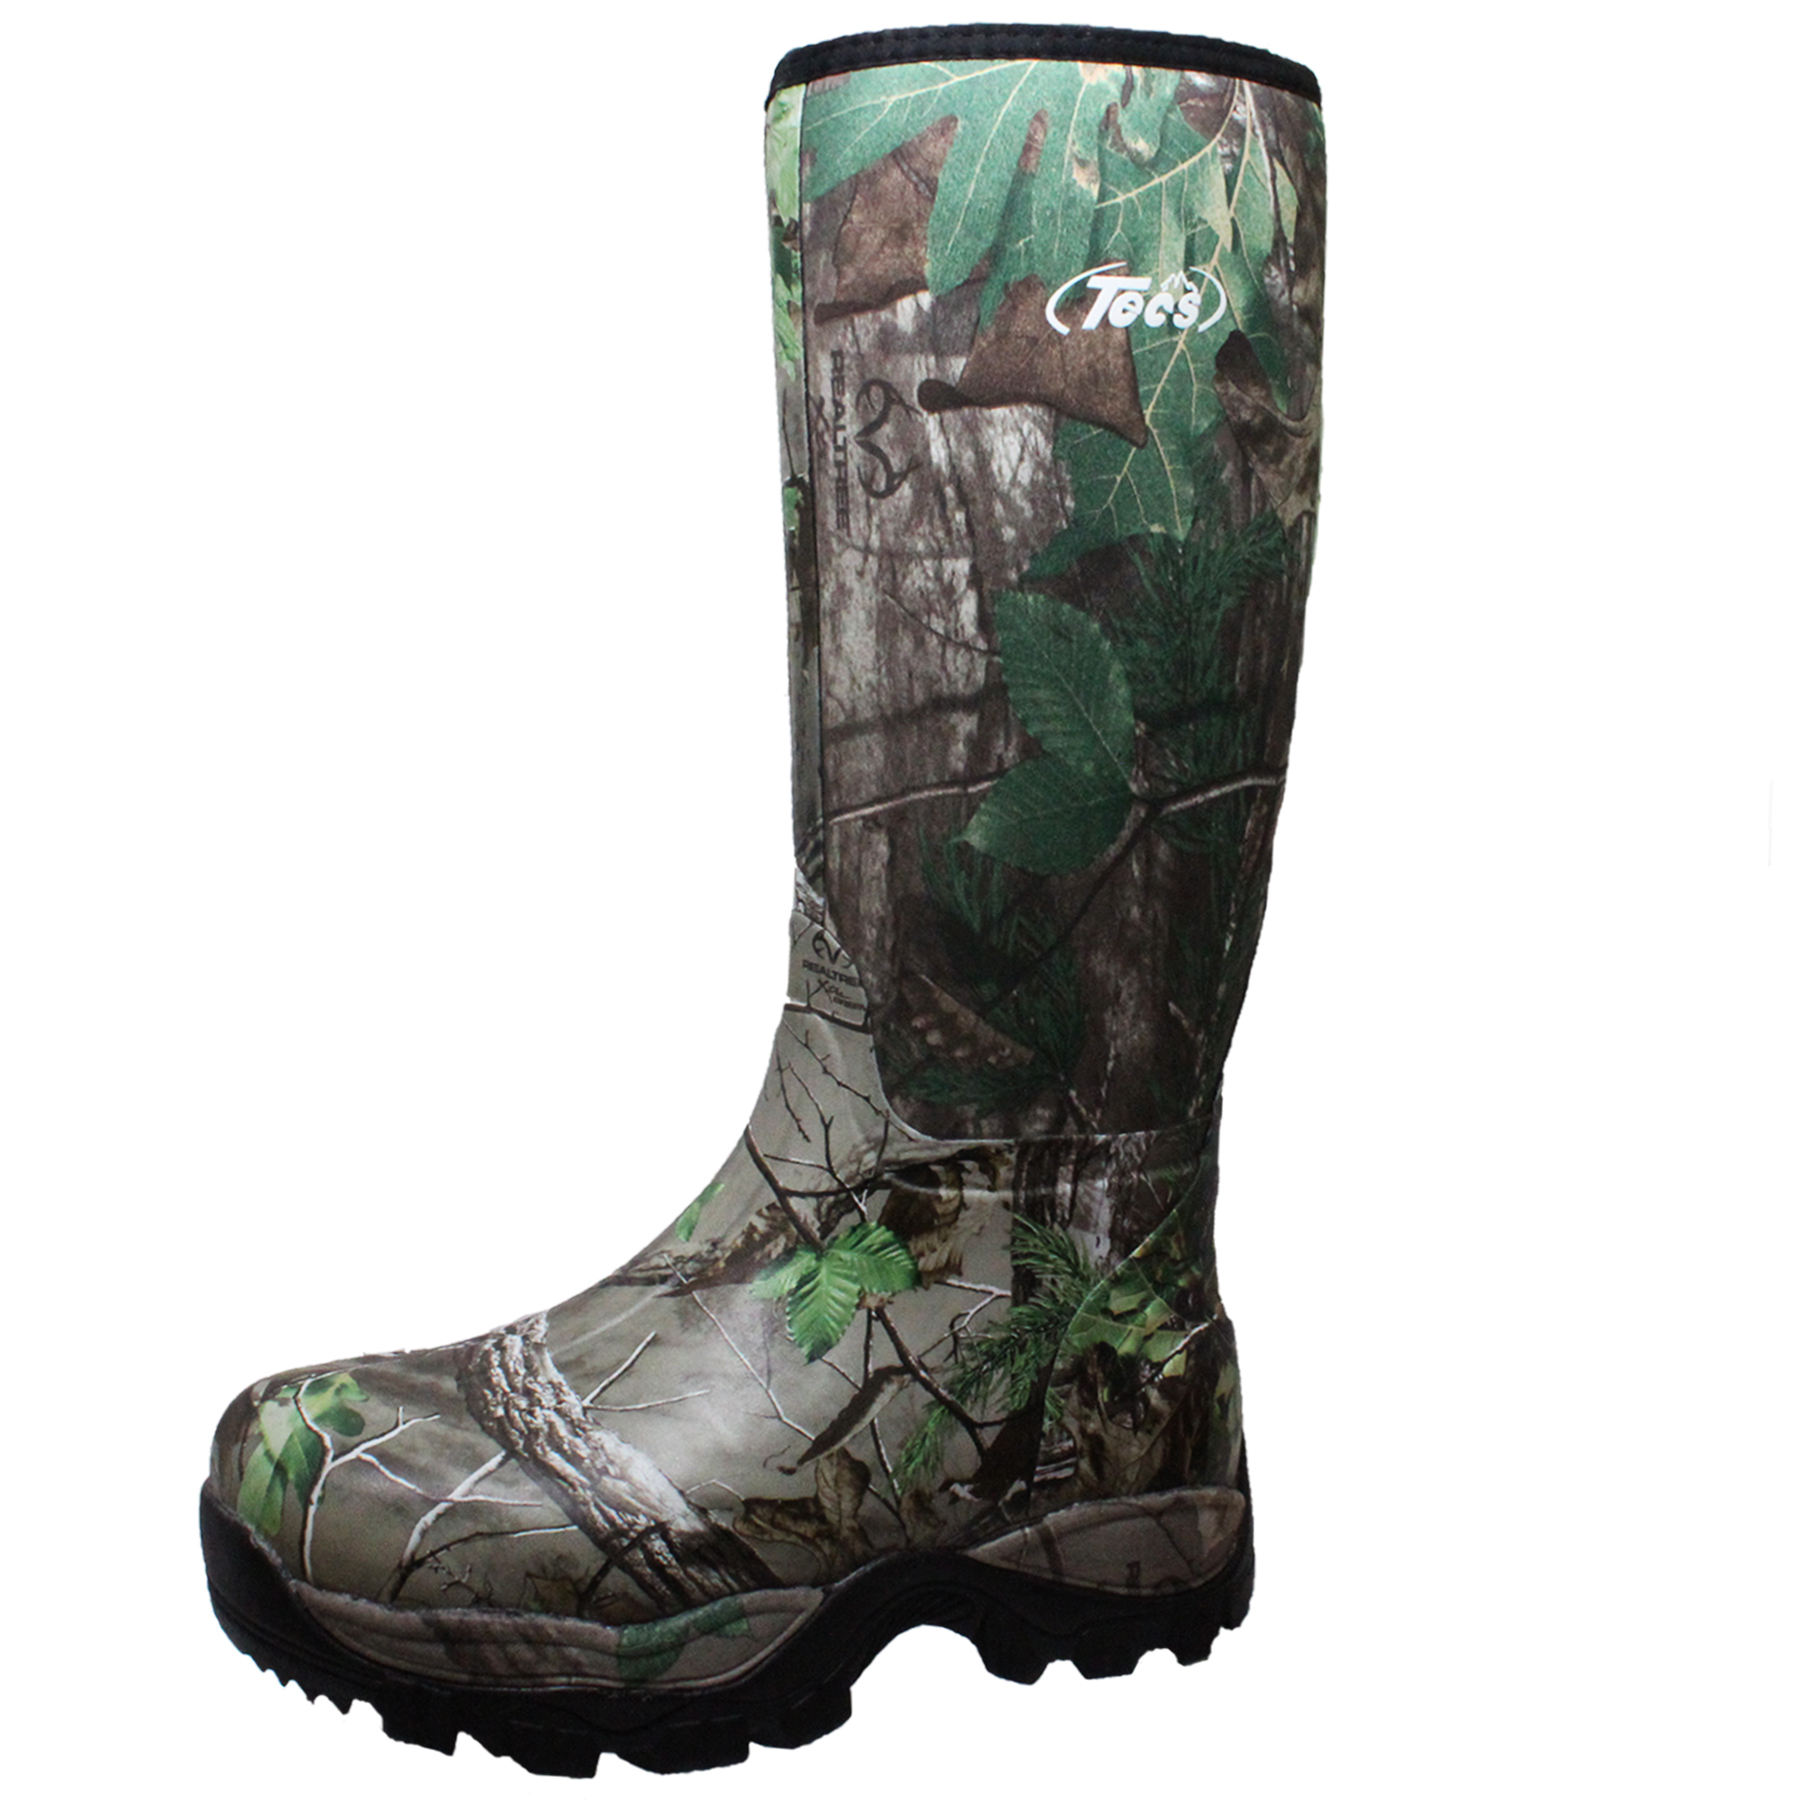 """Tecs Men's 16"""" Camo Waterproof Rubber Boot PartNumber: 3ZZVA98394612P MfgPartNumber: 9735"""